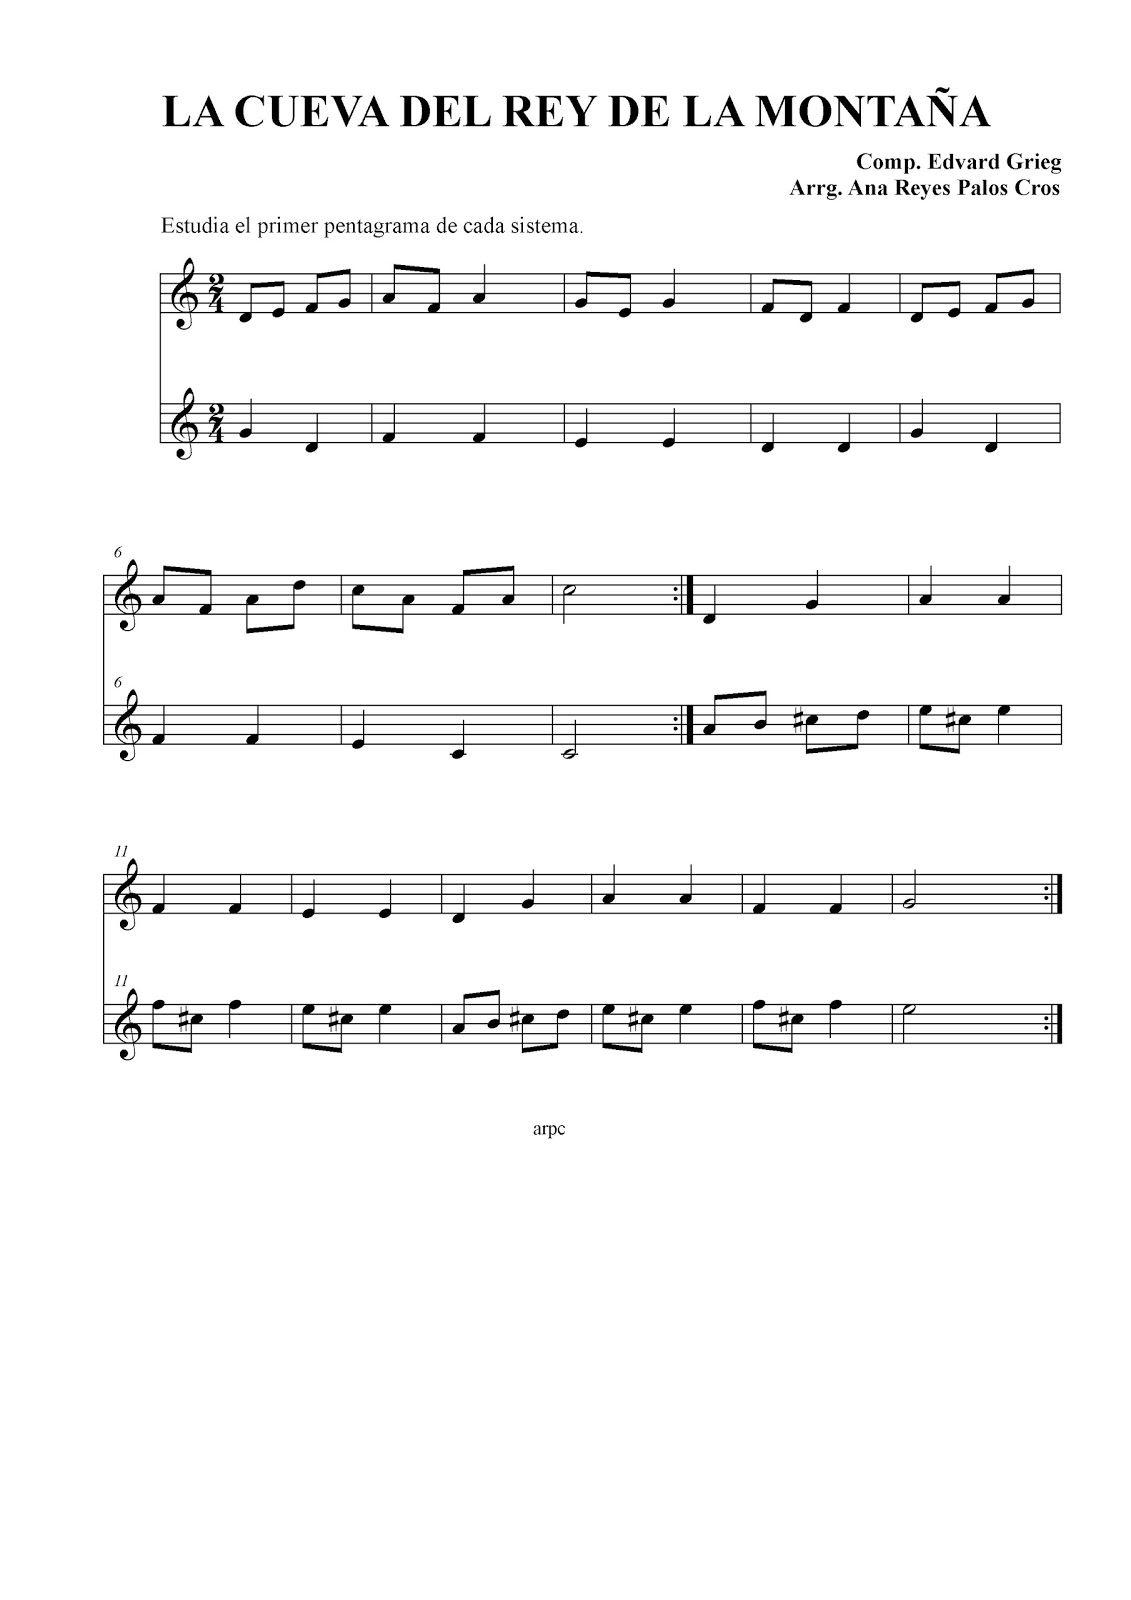 Clase De Música La Cueva Del Rey De La Montaña Clase De Musica Rey Cuevas